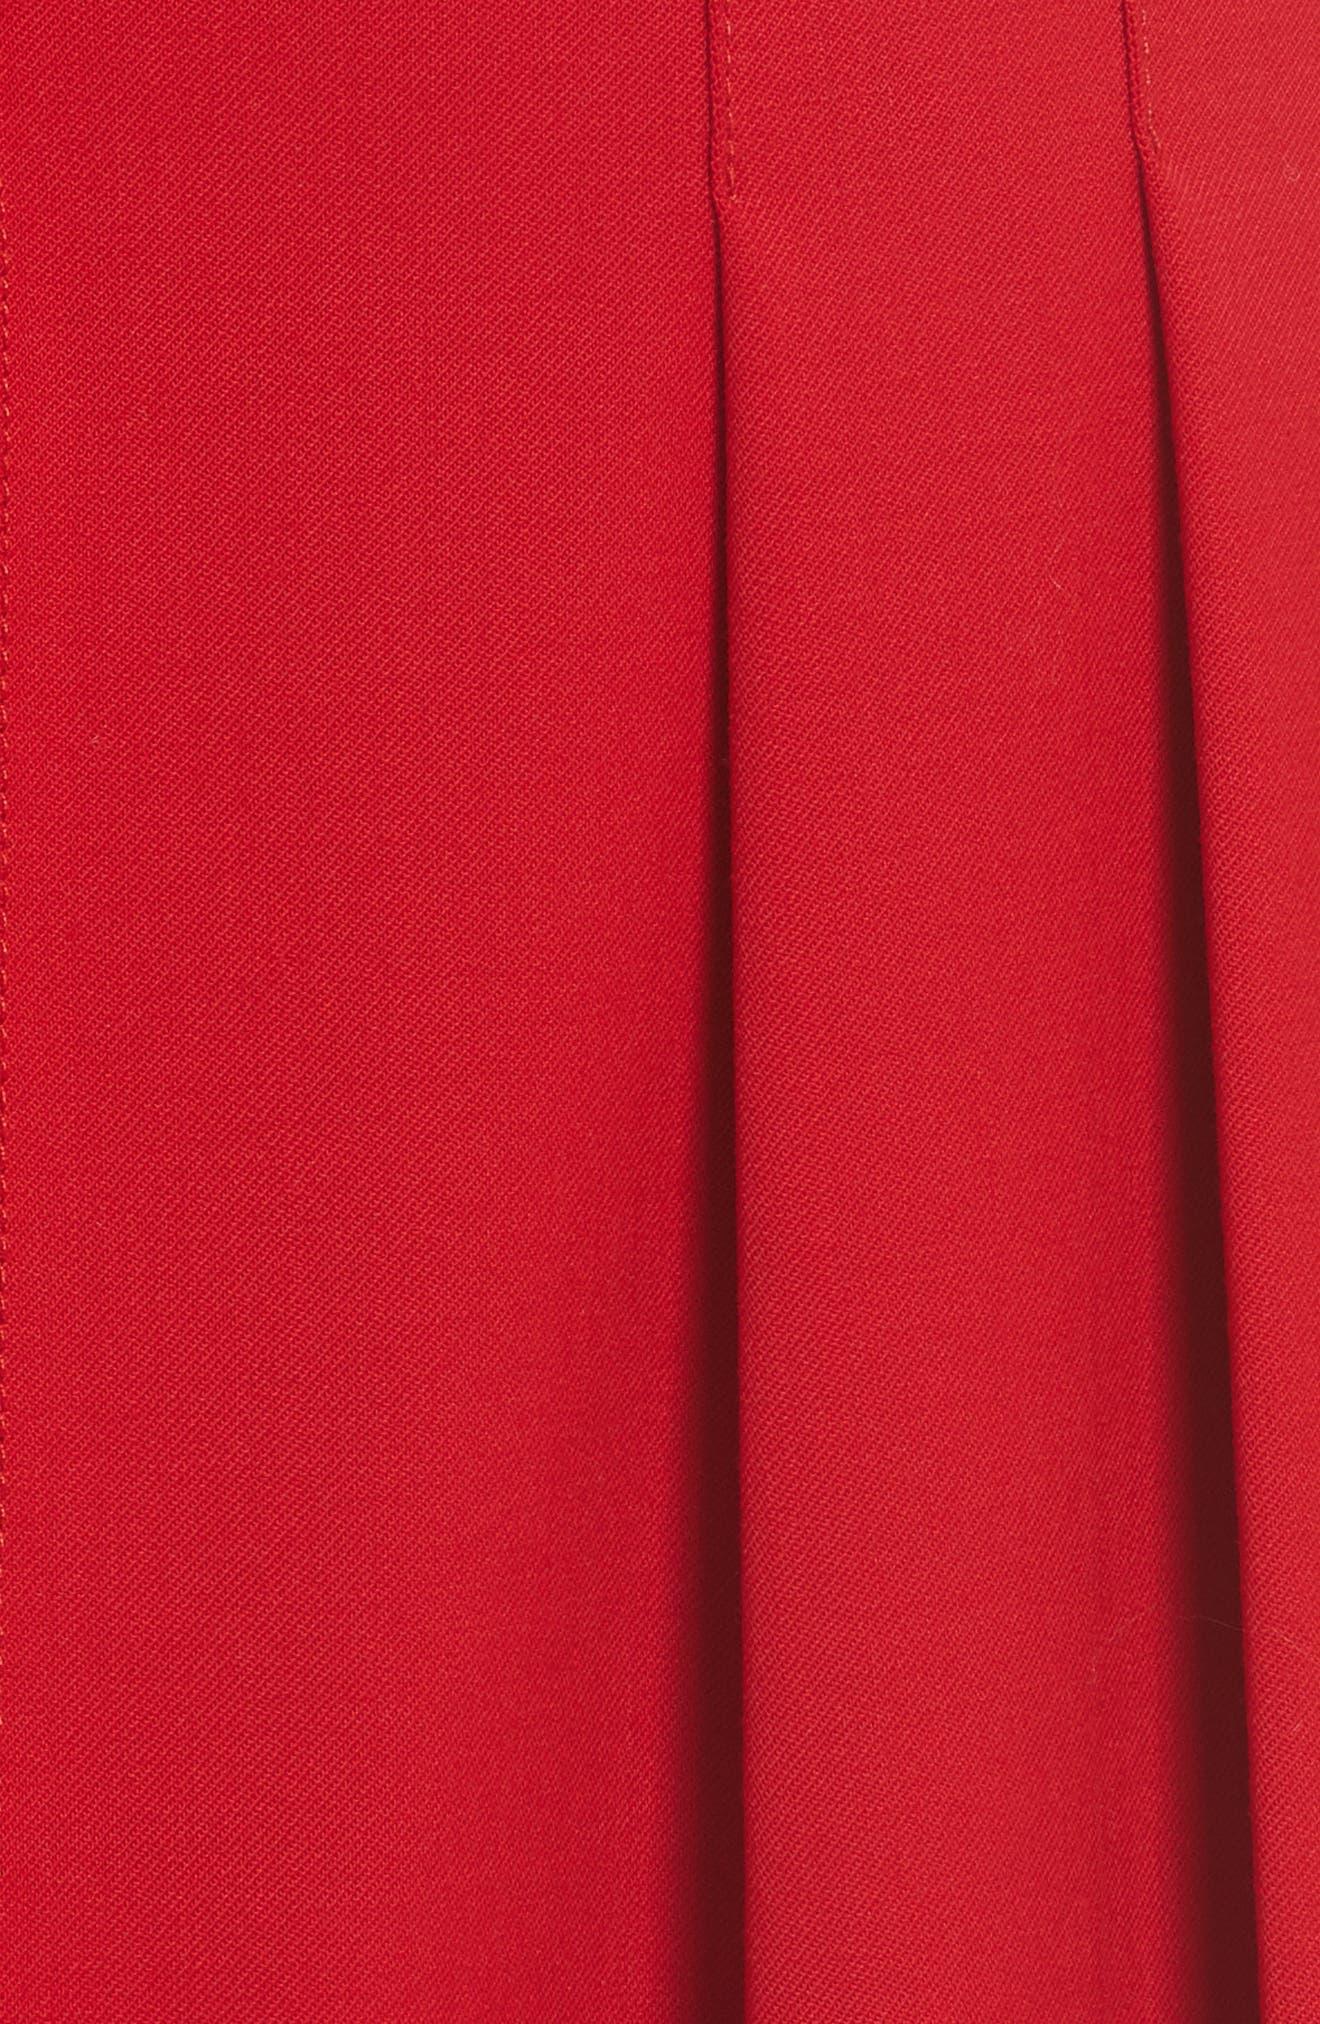 Suiting Kilt Skirt,                             Alternate thumbnail 5, color,                             600